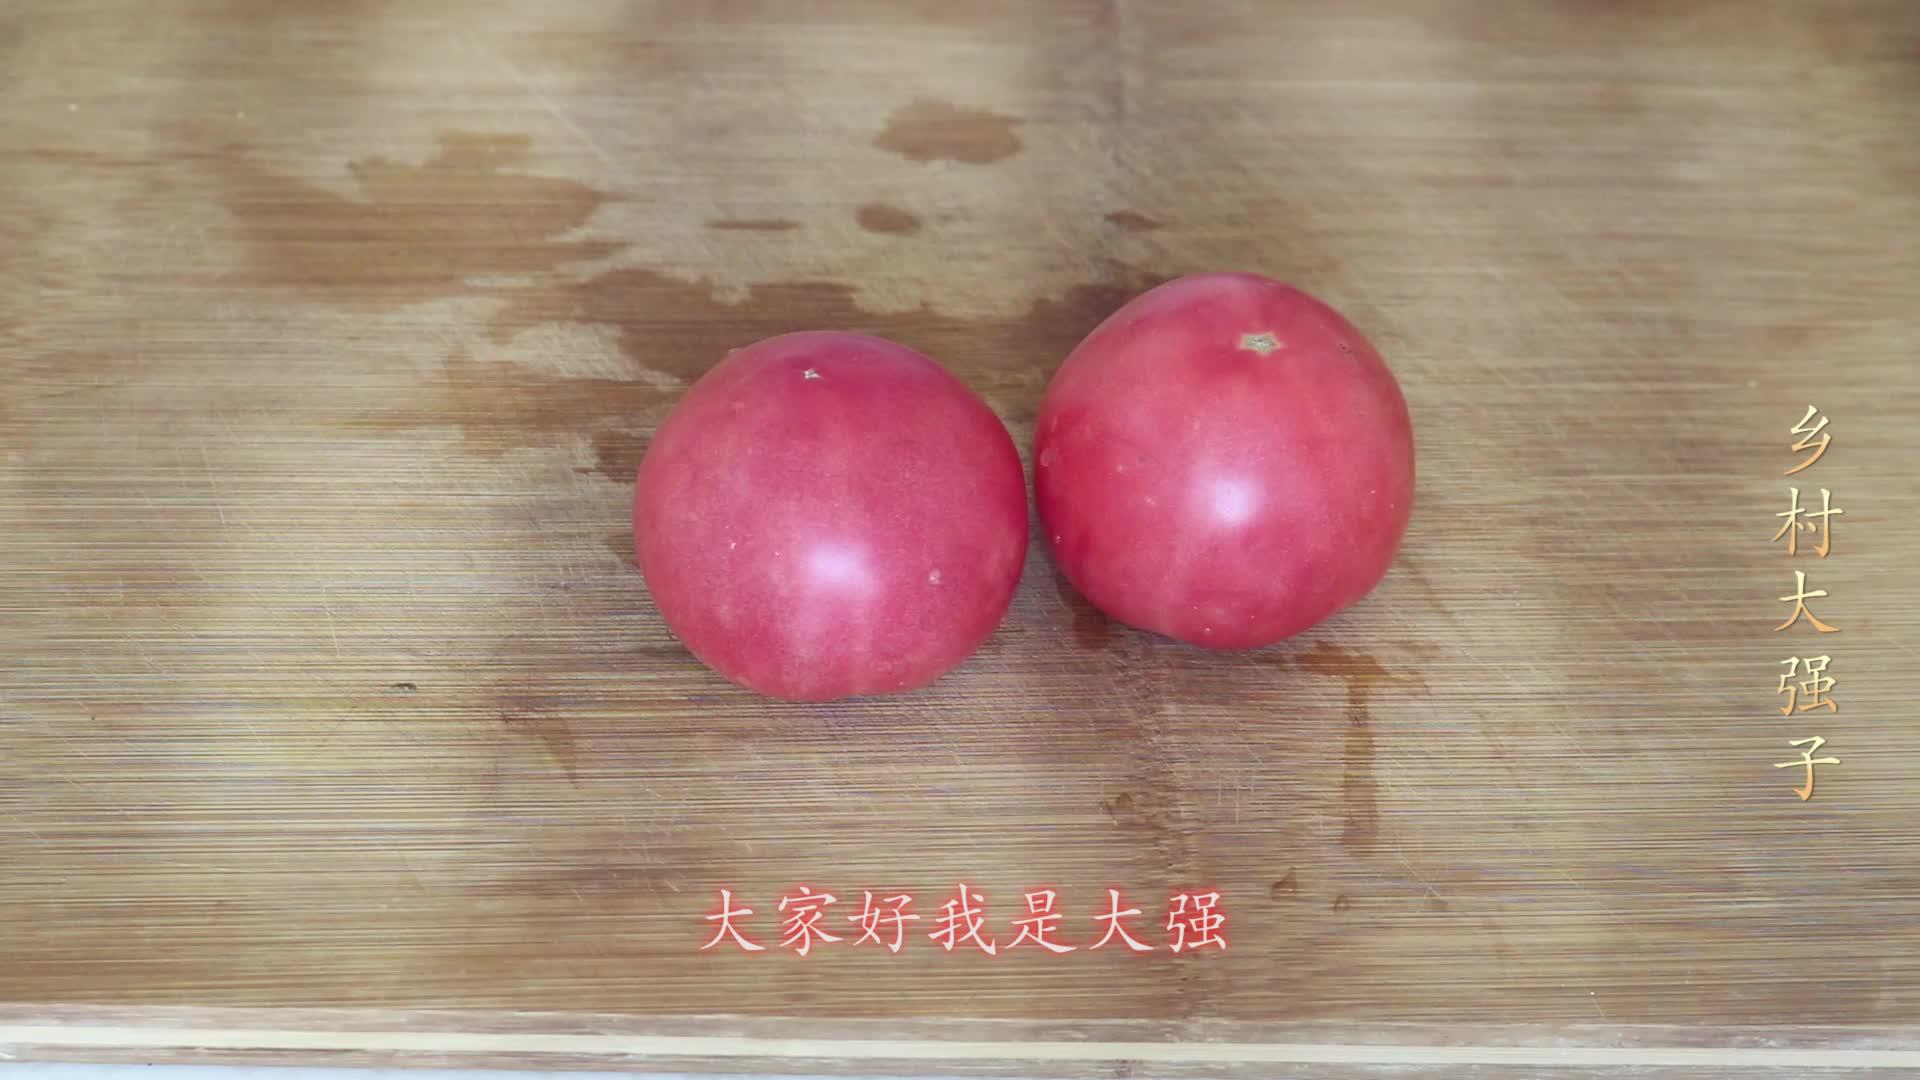 西红柿鸡蛋汤简单易做,原来也有窍门,掌握这几个步骤,汤鲜味美